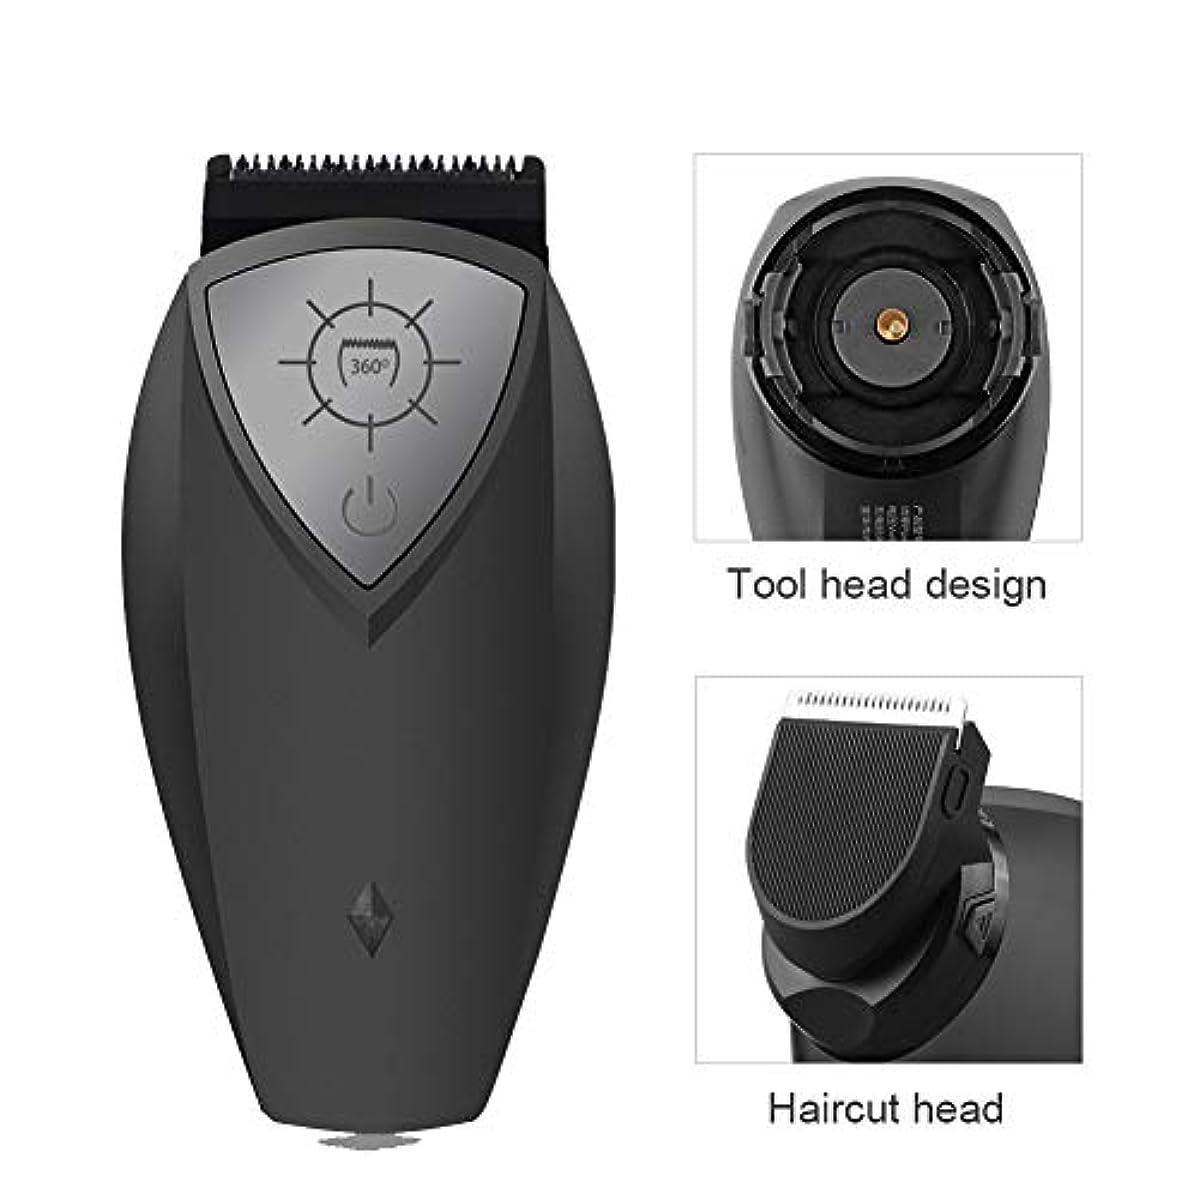 びっくりシステム命題Lambowo 360度の回転式有料男性の電気シェーバーボディひげの毛のトリマーのかみそり